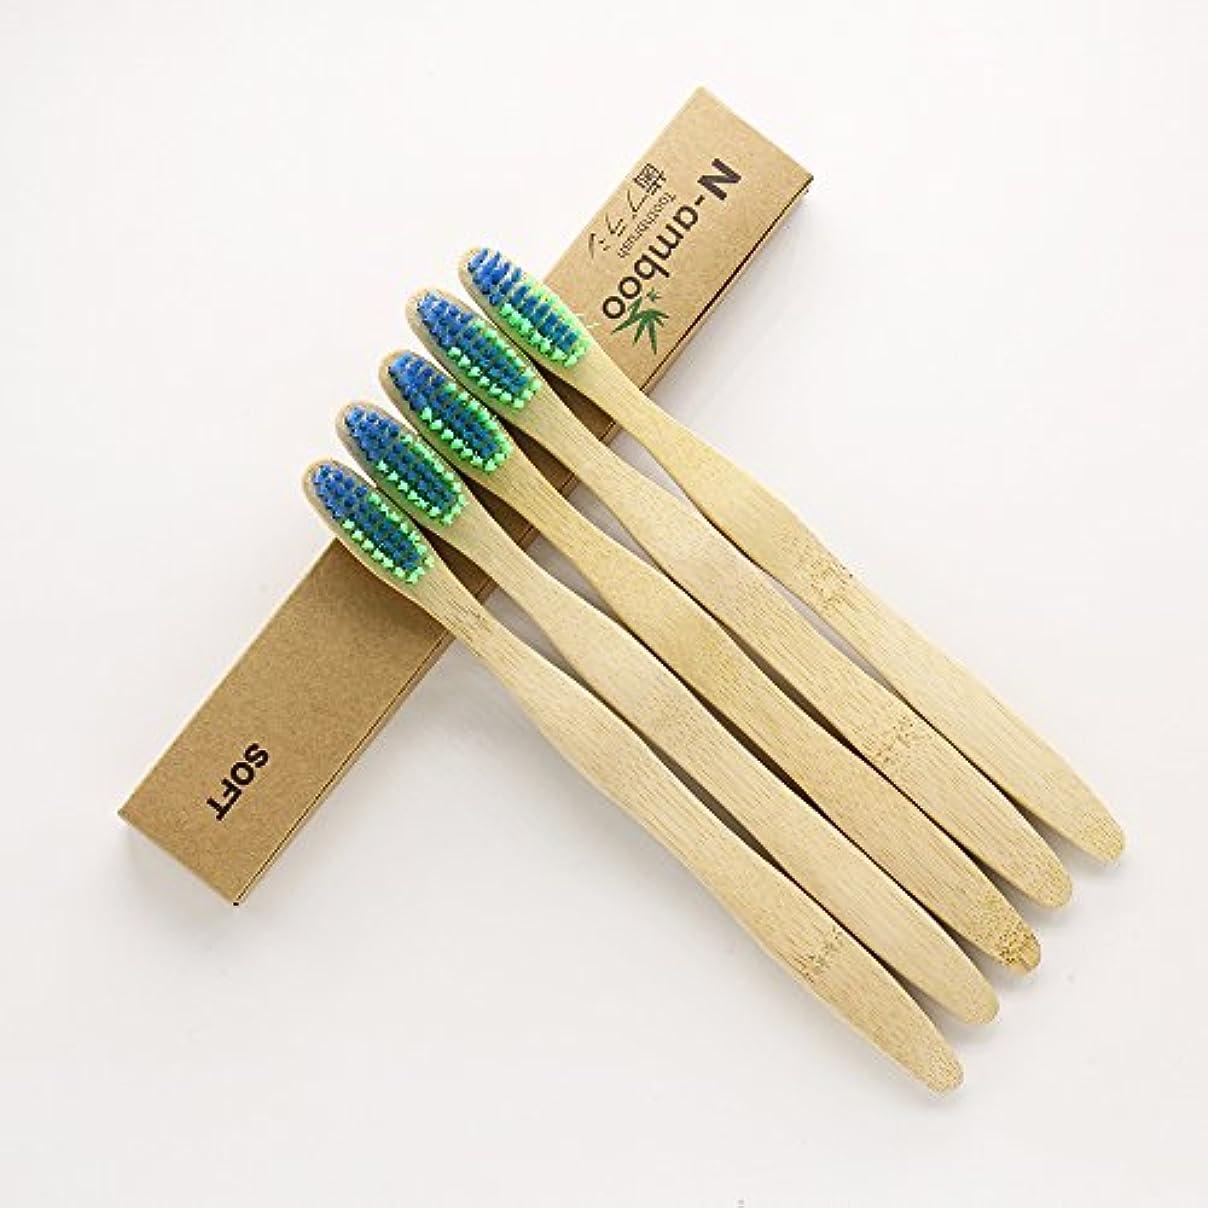 拡散する乳白色複製N-amboo 竹製耐久度高い 歯ブラシ 青と緑色 5本入り セット